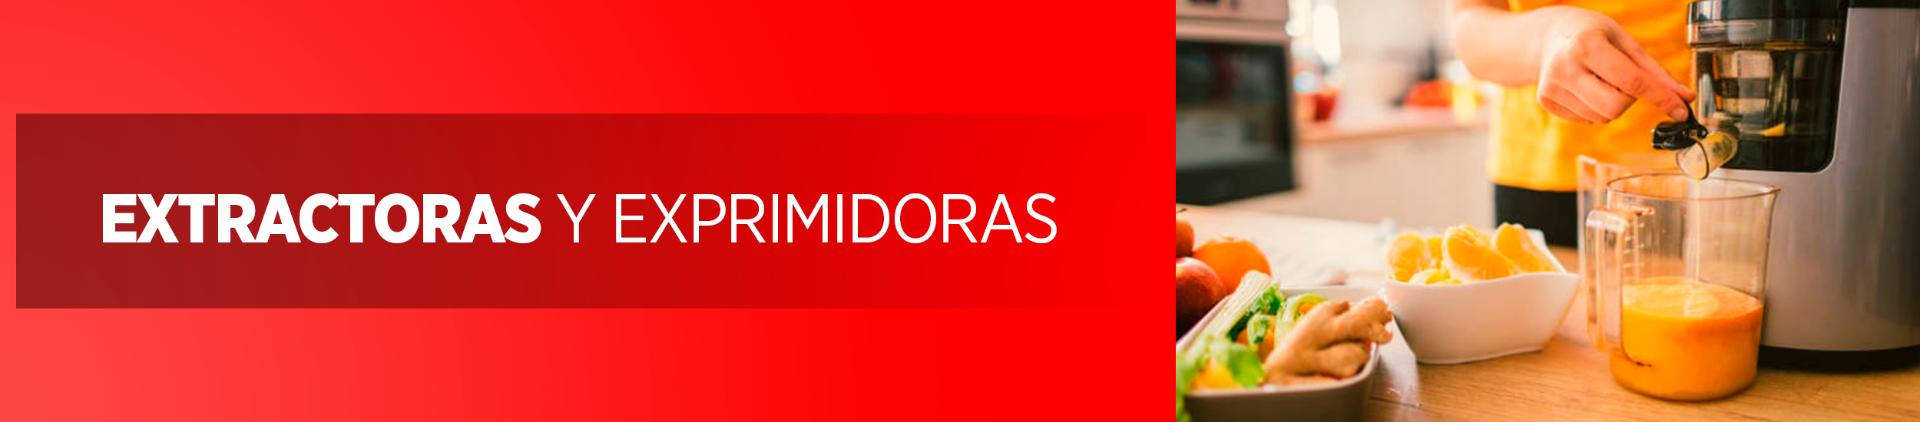 Extractoras y exprimidoras | Dismac